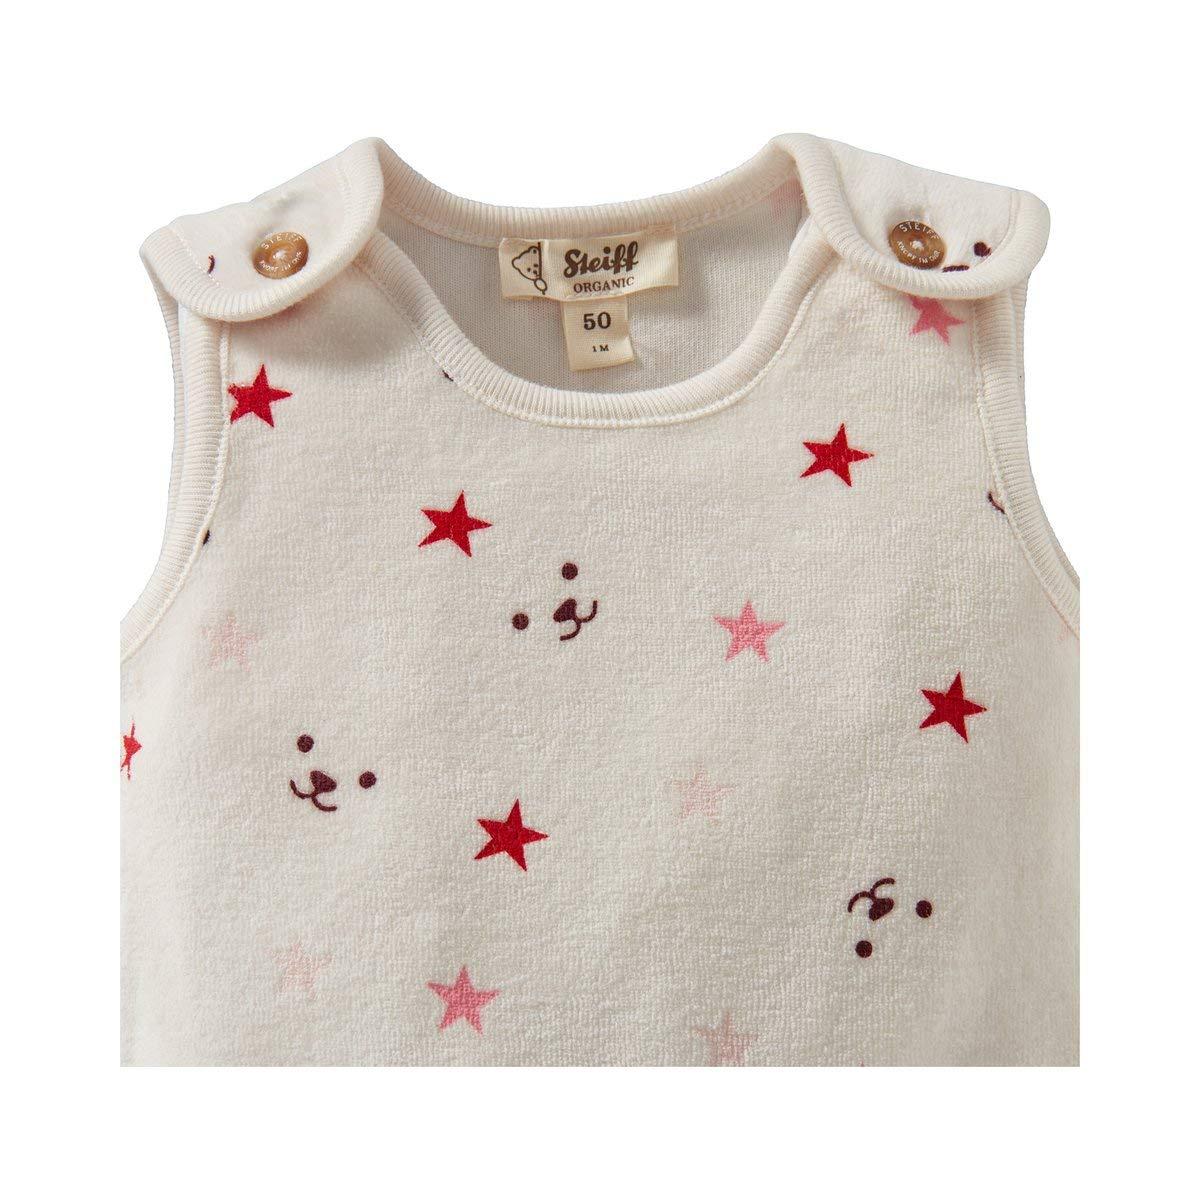 Sweatshirt Bekleidungsset Steiff Unisex Baby Set Strampler